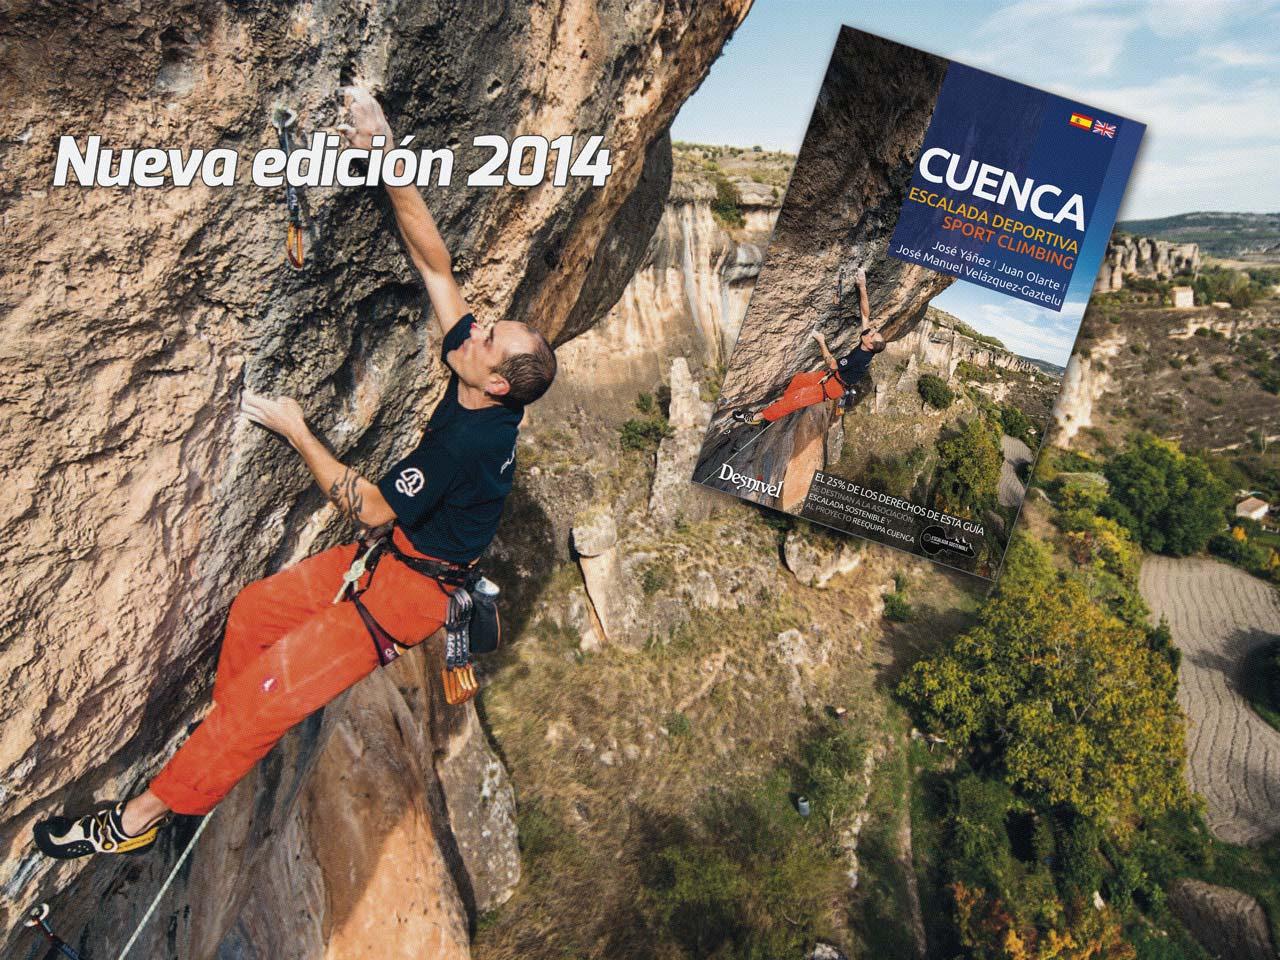 Nueva edición 2014 Guía de Escalada Cuenca